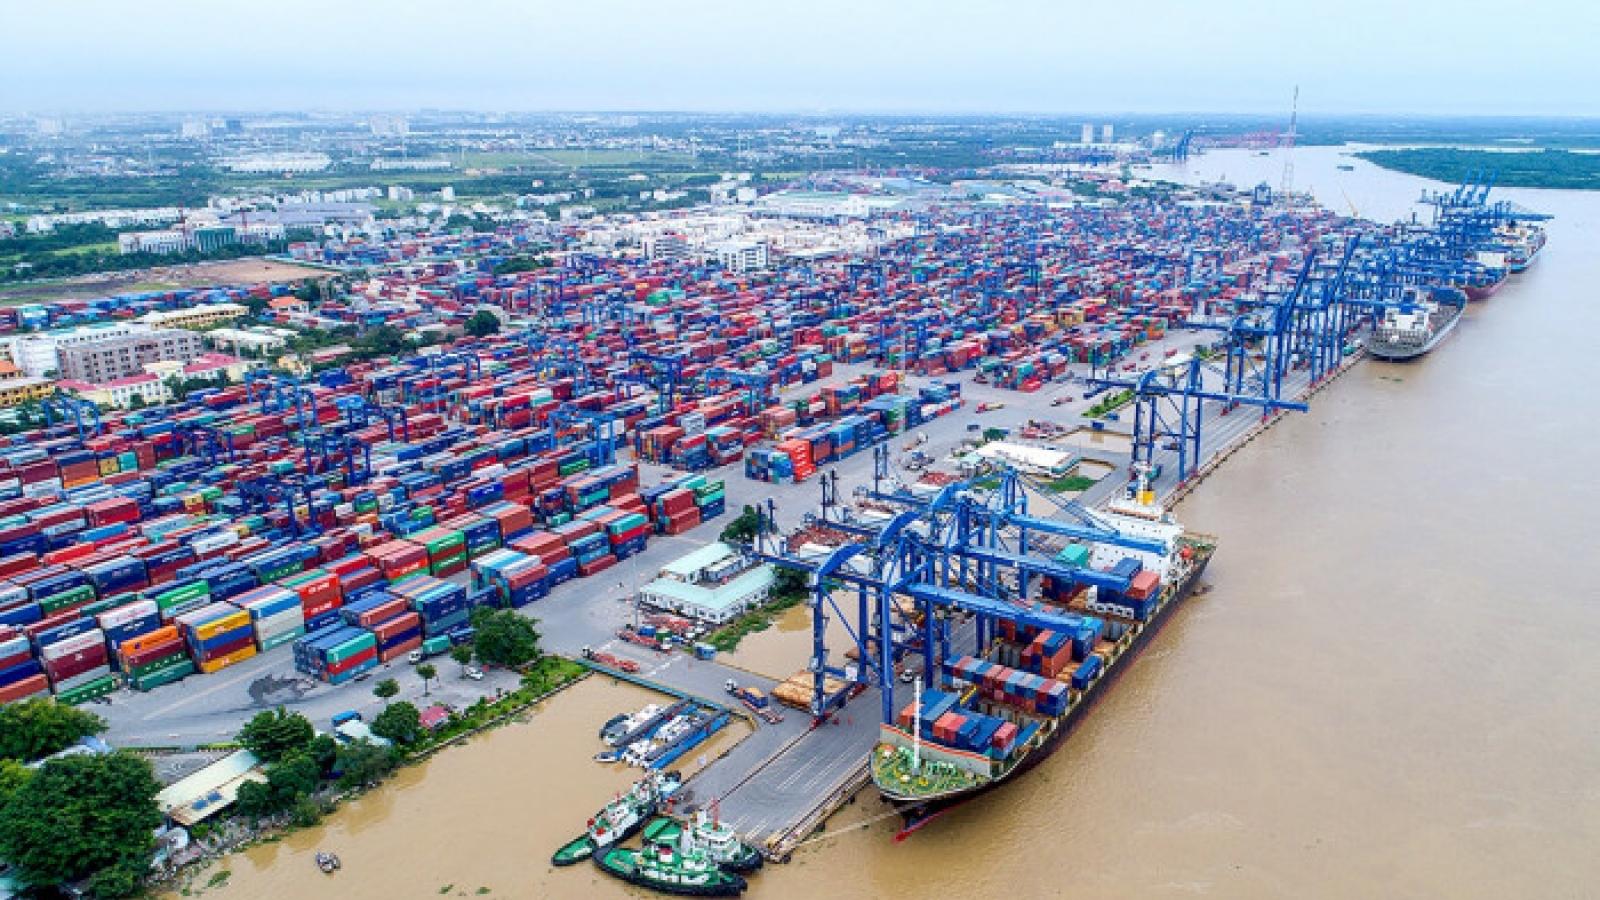 Bộ GTVT lập 2 tổ công tác kiểm tra cước vận tải, giá dịch vụ cảng biển